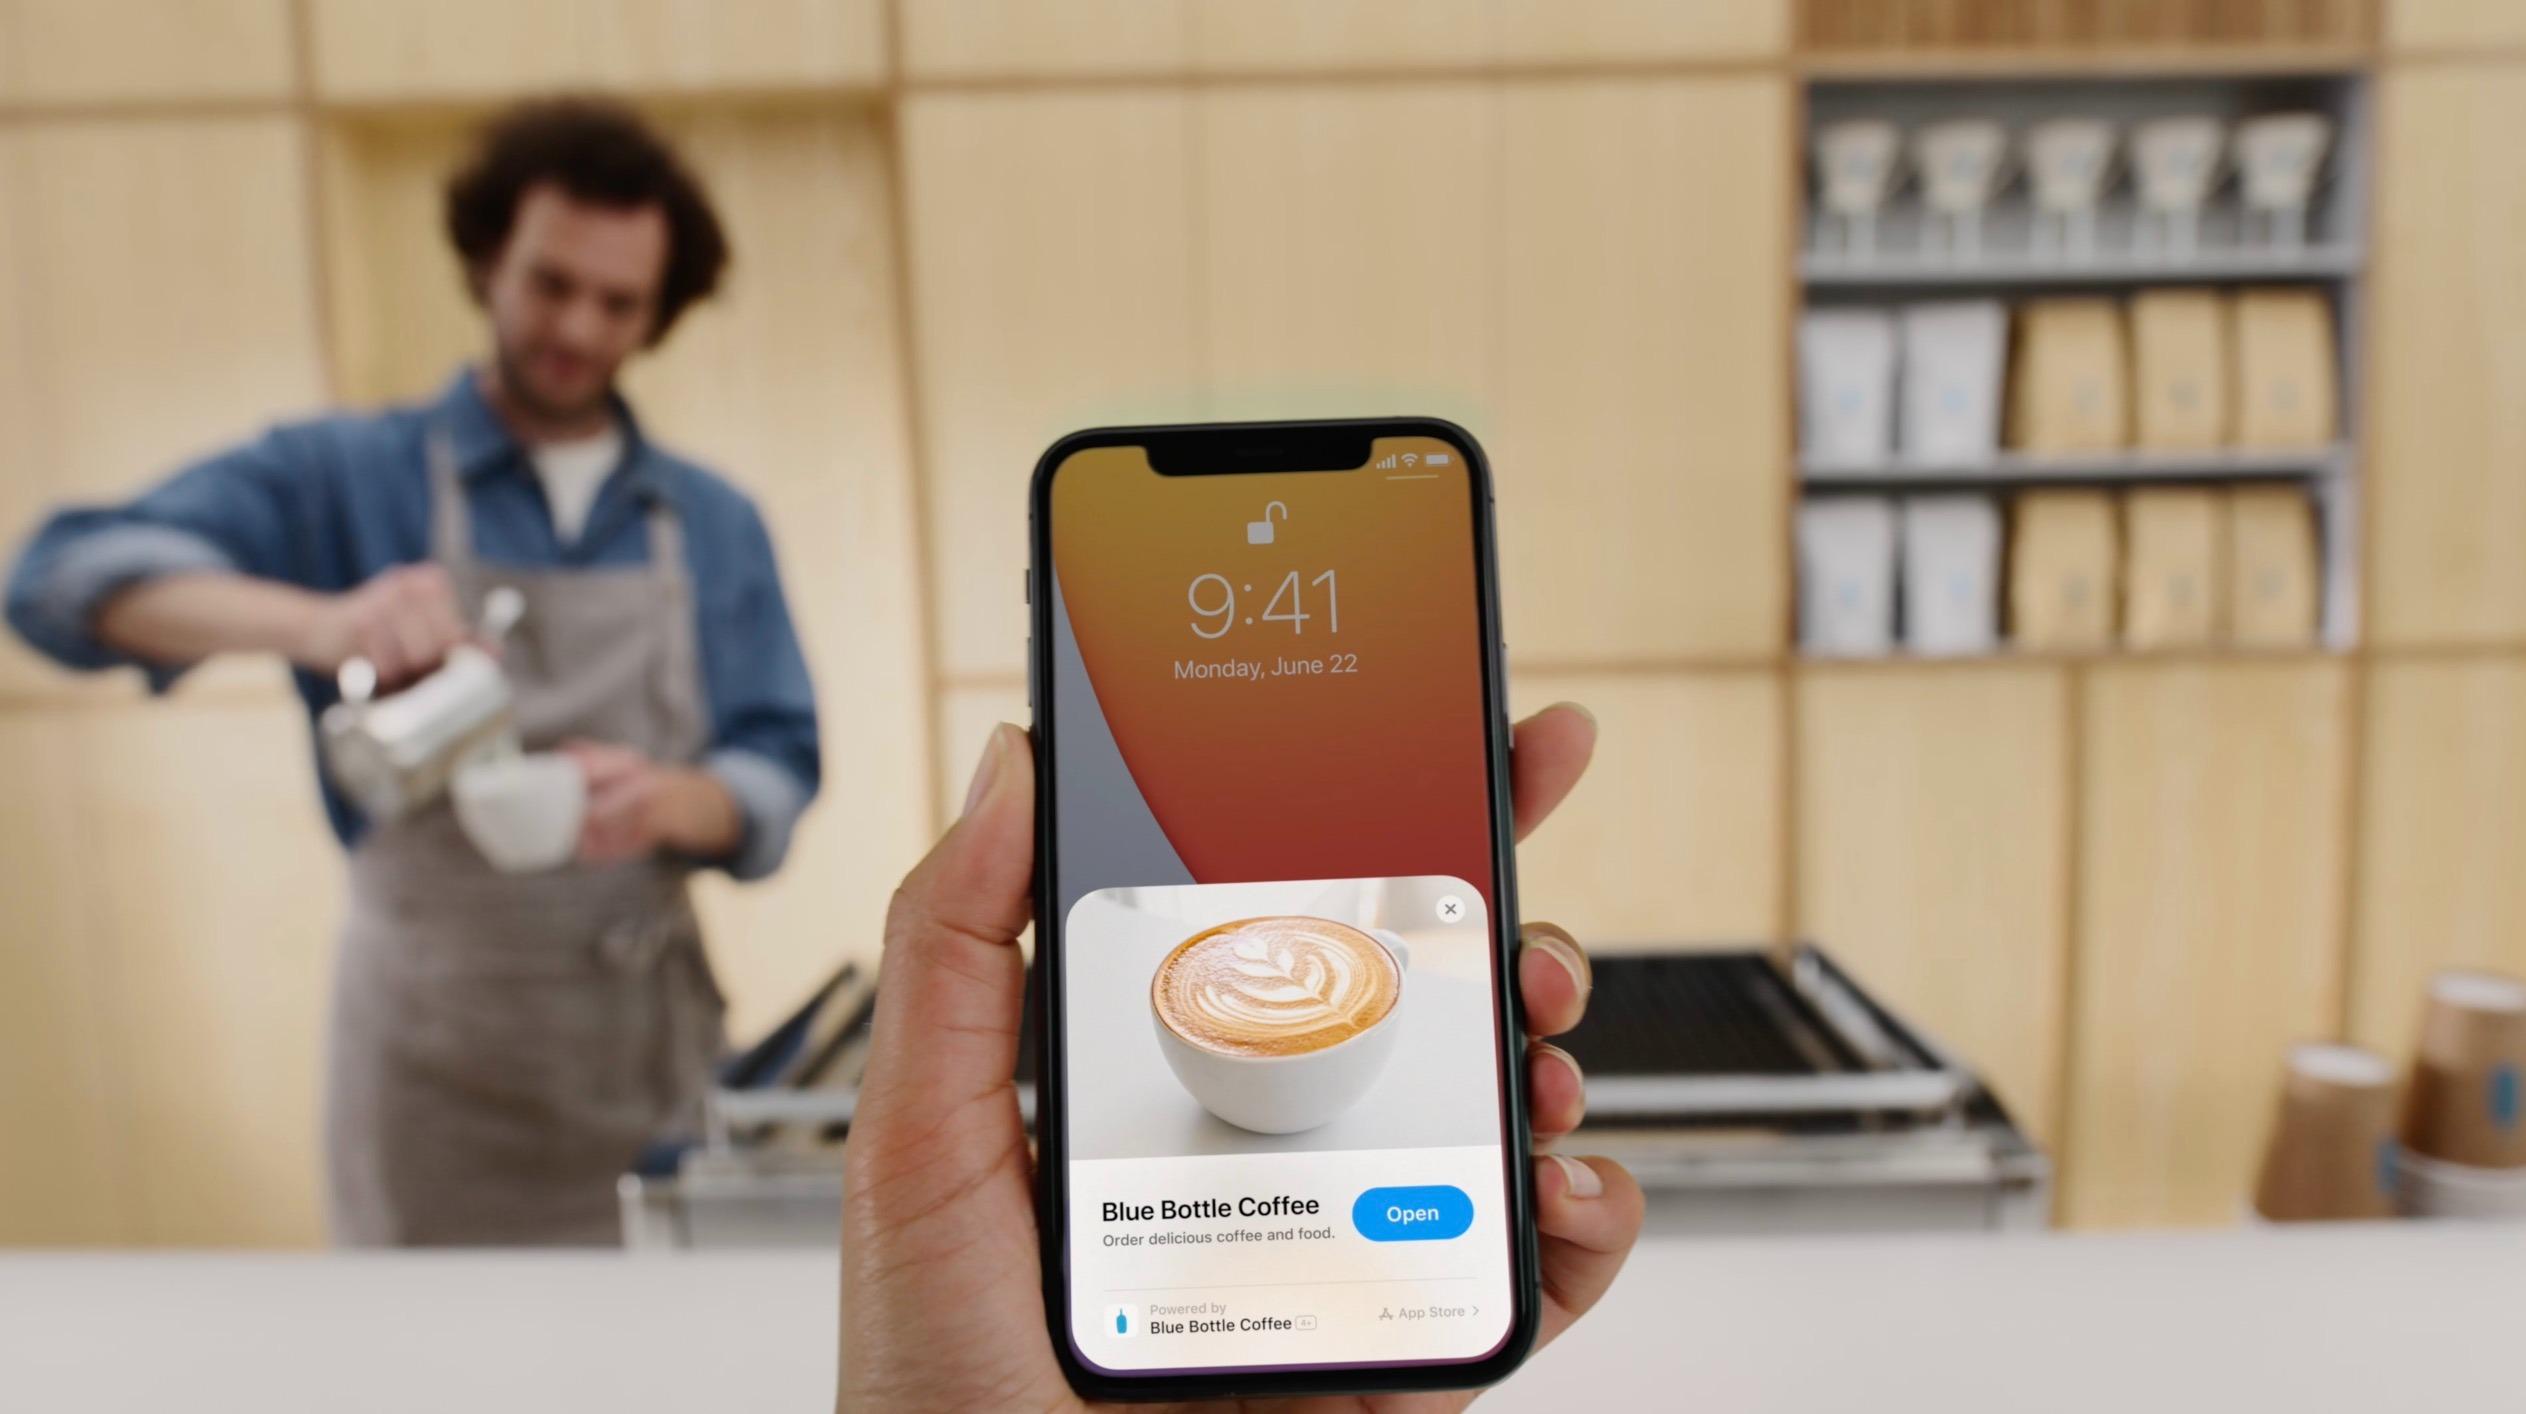 Cách làm video trên iPhone bằng app Clips có sẵn.